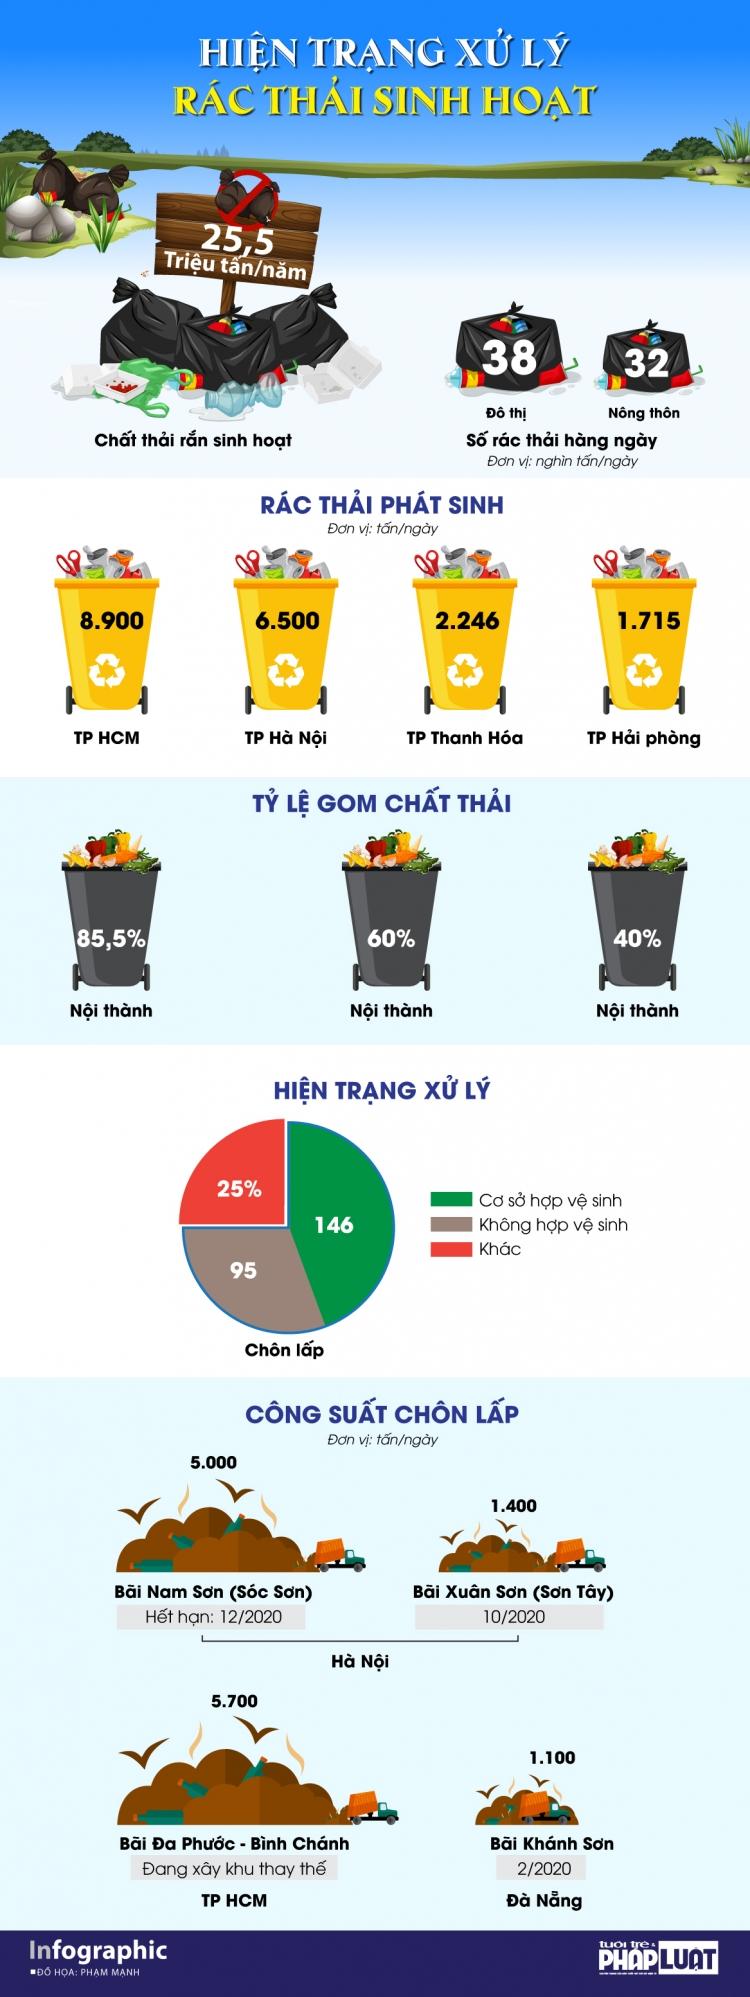 infographic thuc trang xu ly rac thai sinh hoat o viet nam